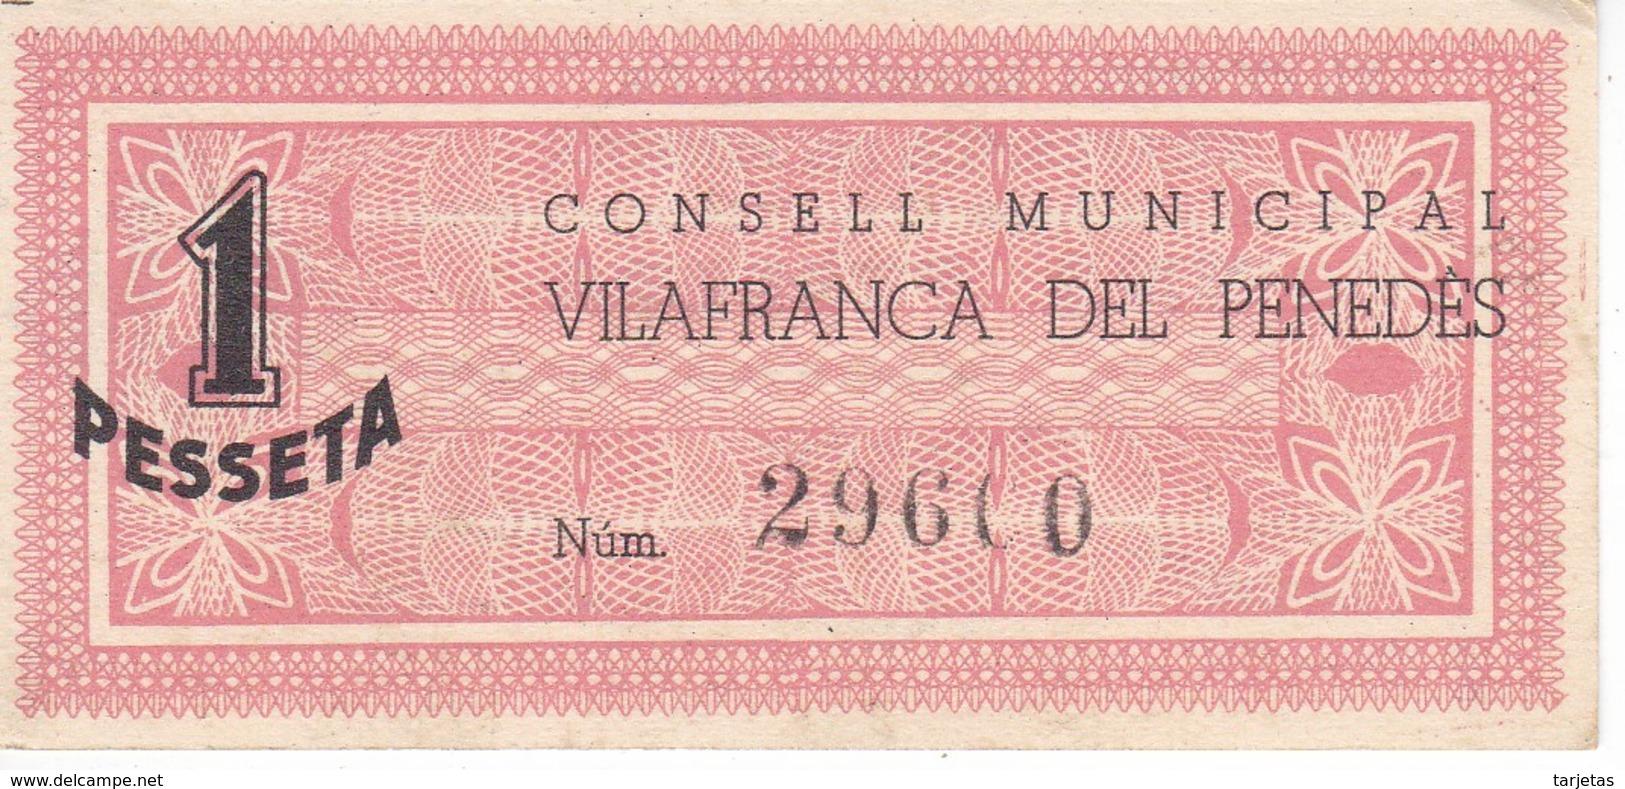 BILLETE DE 1 PESETA DEL CONSELL MUNICIPAL DE VILAFRANCA DEL PENEDES AÑO 1937 Nº GRANDES SIN CIRCULAR-UNCIRCULATED - [ 3] 1936-1975 : Régence De Franco